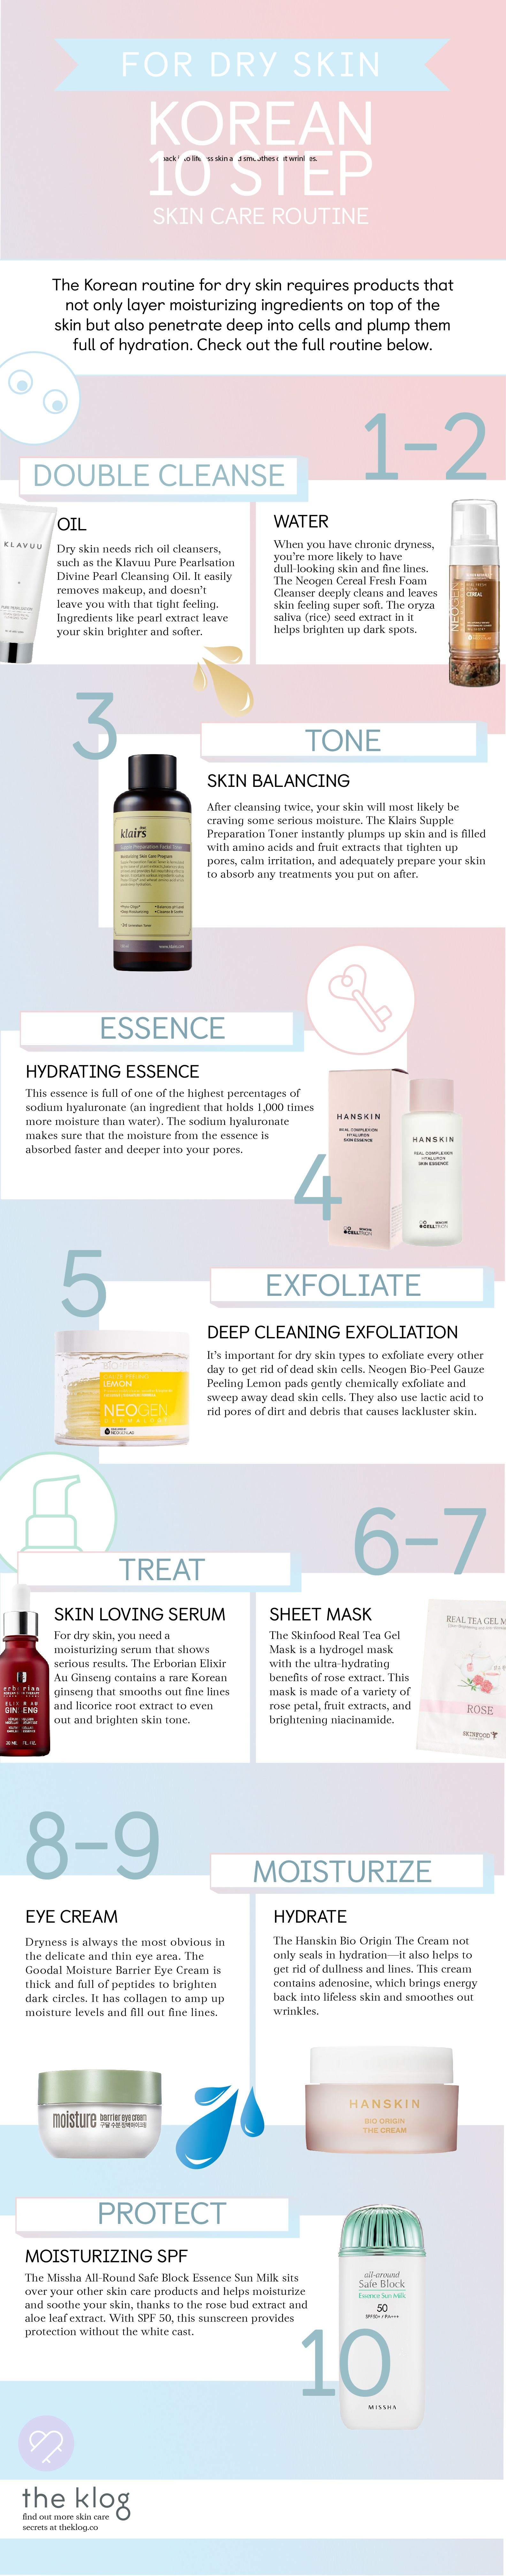 The Full Korean Routine For Dry Skin Skin Care 10 Step Skin Care Routine Natural Skin Care Routine